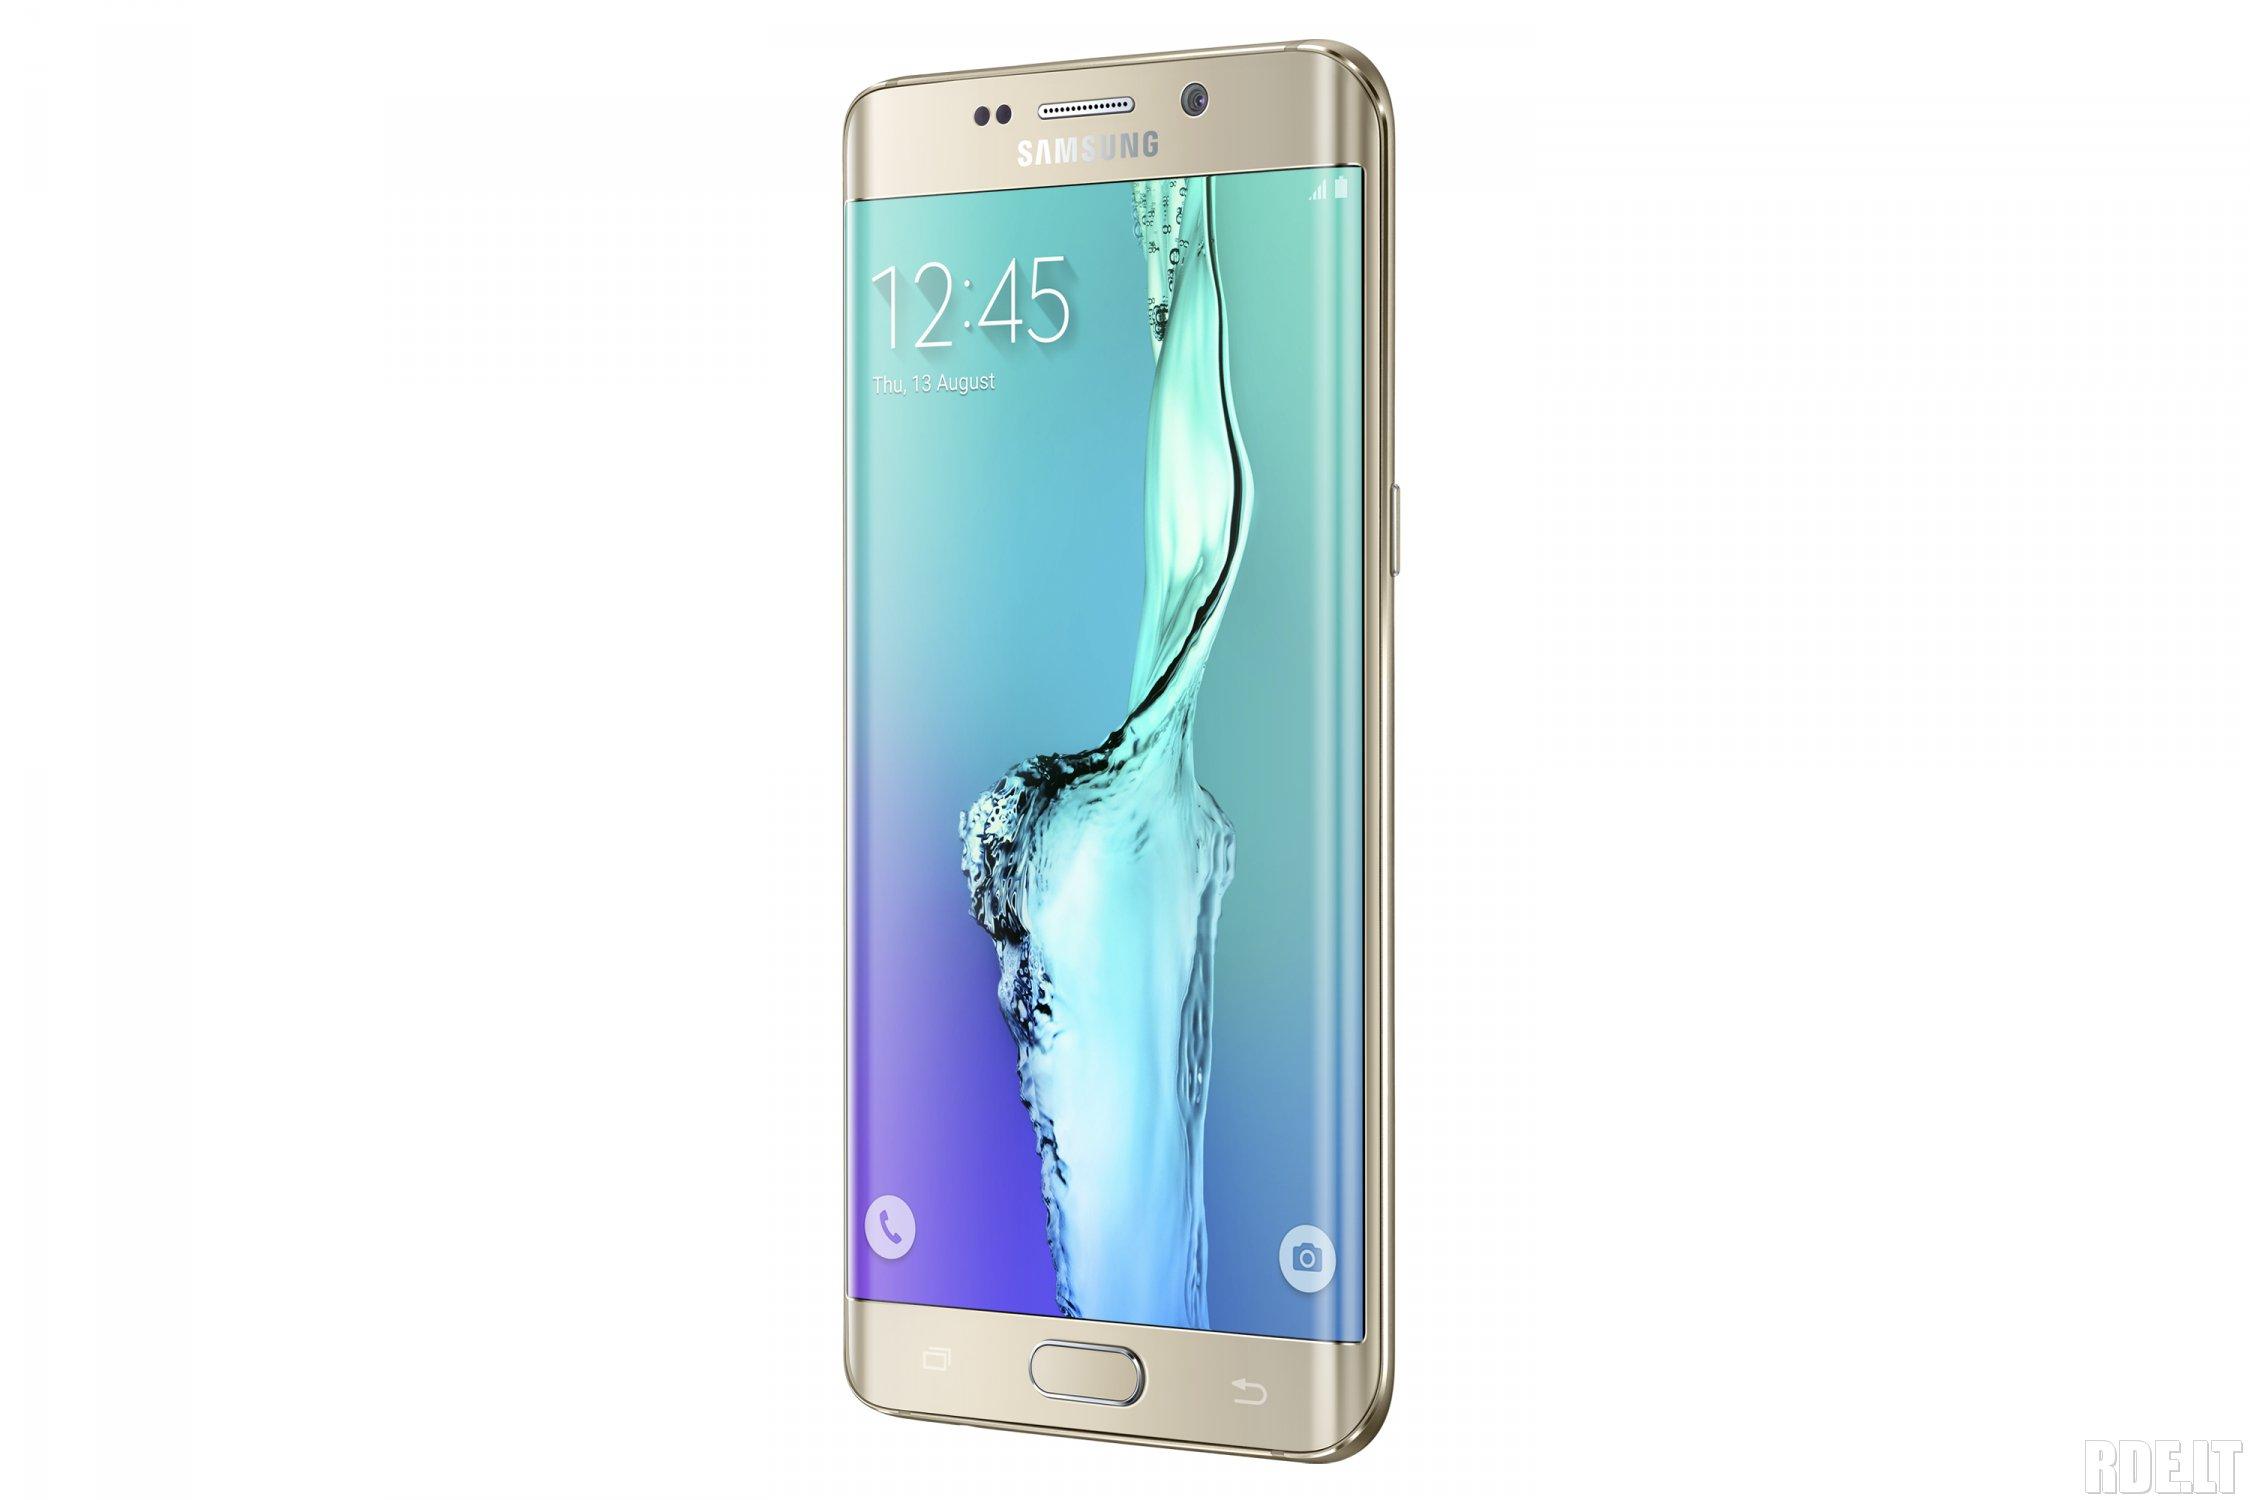 Samsung Galaxy S6 Edge 32Gb Gold - (Android 5.0; GSM 900/1800/1900, 3G, LTE; SIM-карт 1 (nano SIM); Samsung Exynos 7420; RAM 3 Гб; ROM 32 Гб; 2600 мАч; 16 млн пикс., светодиодная вспышка; есть, 5 млн пикс.; датчики - освещенности, приближения, гироскоп, компас, барометр, считывание отпечатка пальца)